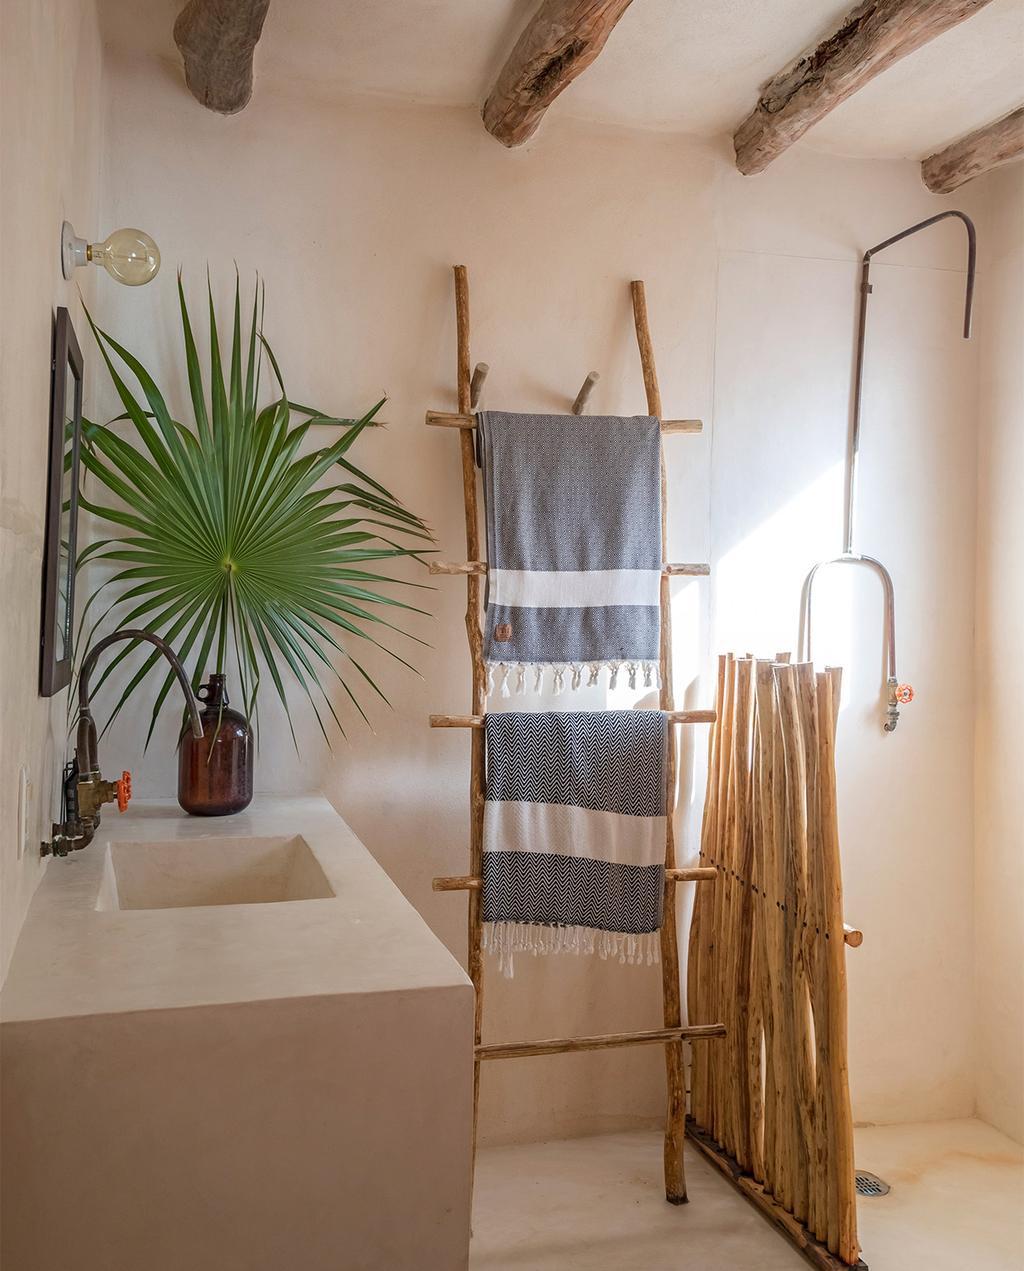 vtwonen special zomerhuizen 07-2021 | Mexico interieur met ladder in de badkamer